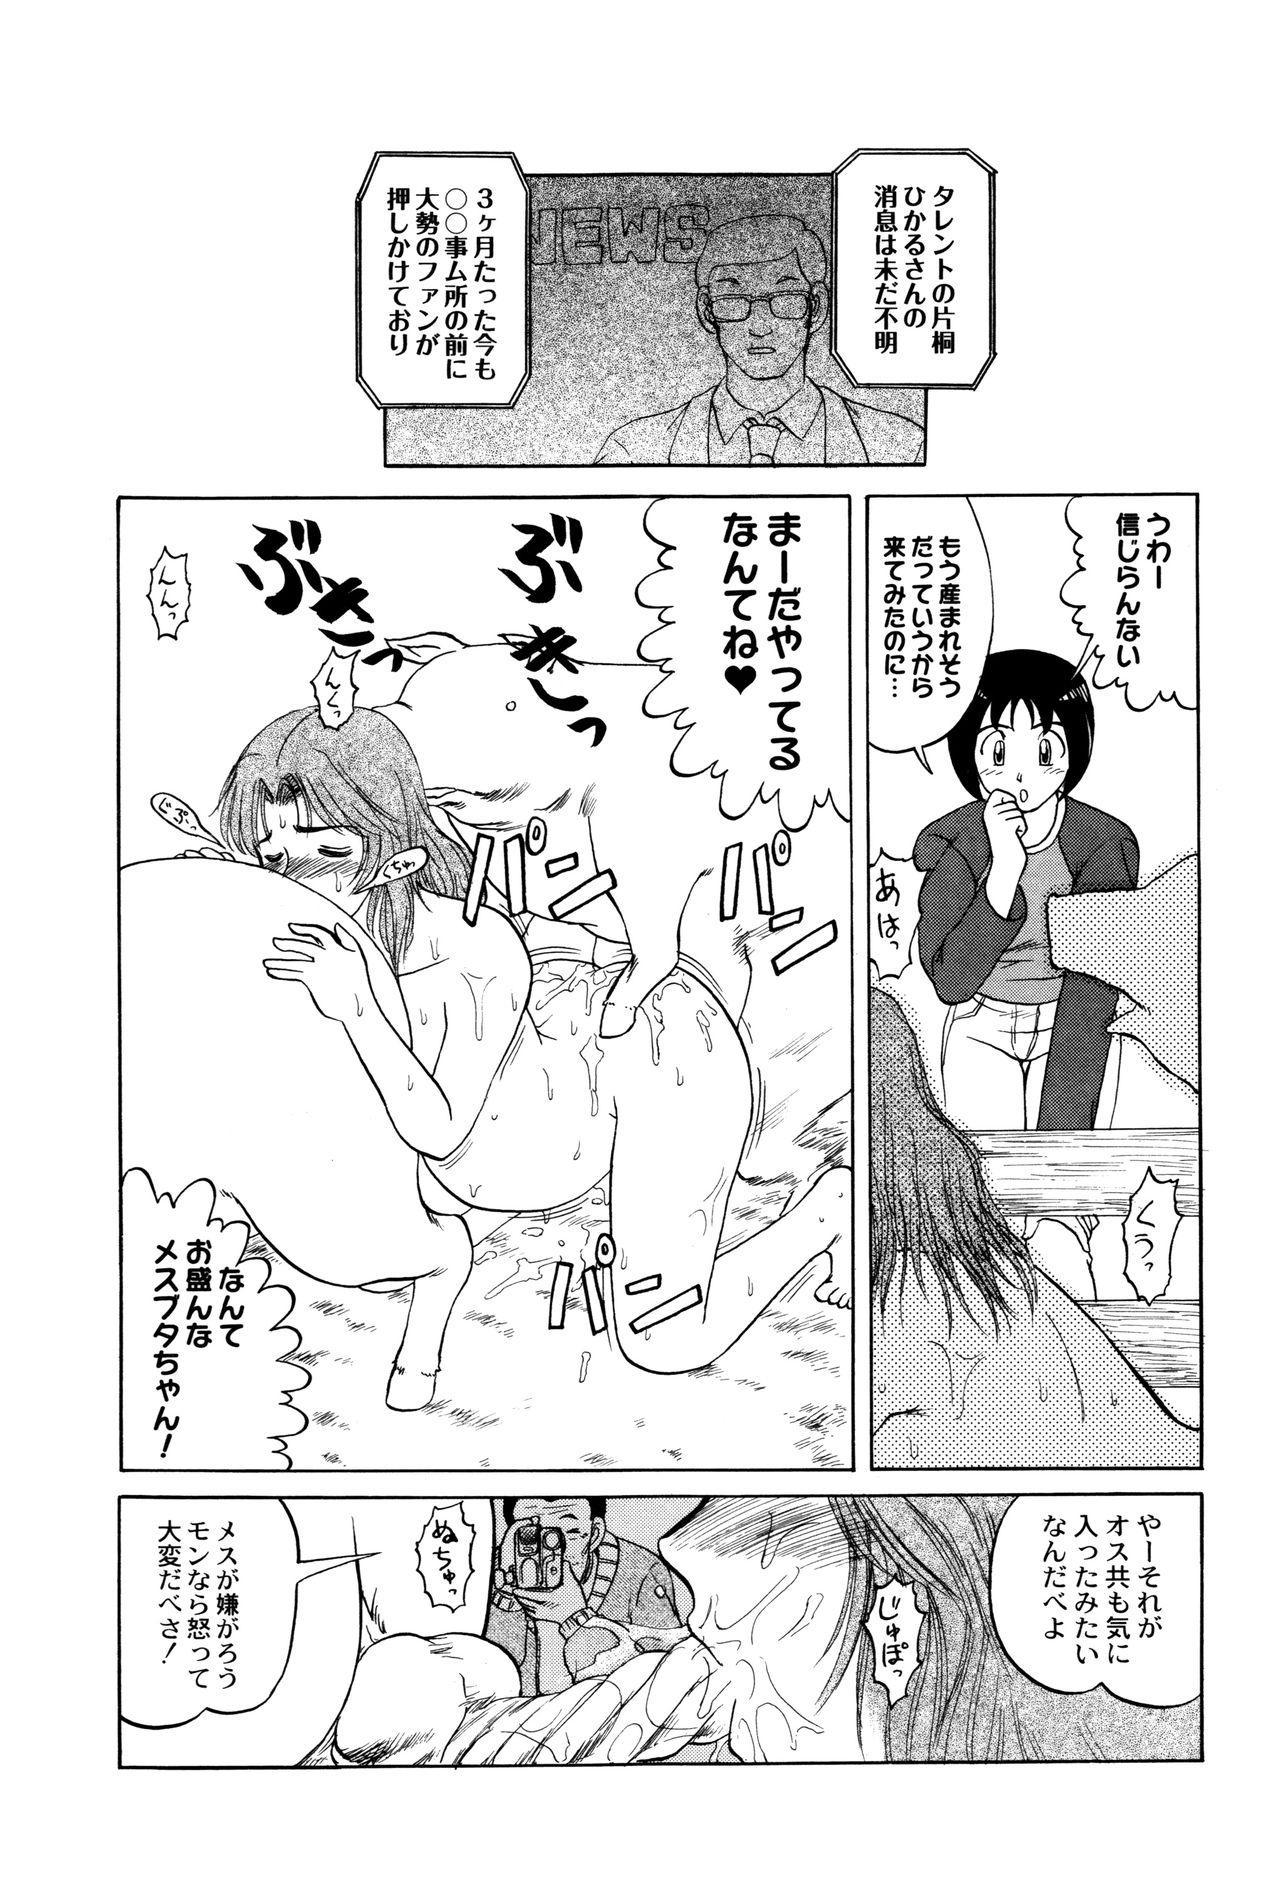 Chishigoyomi 155